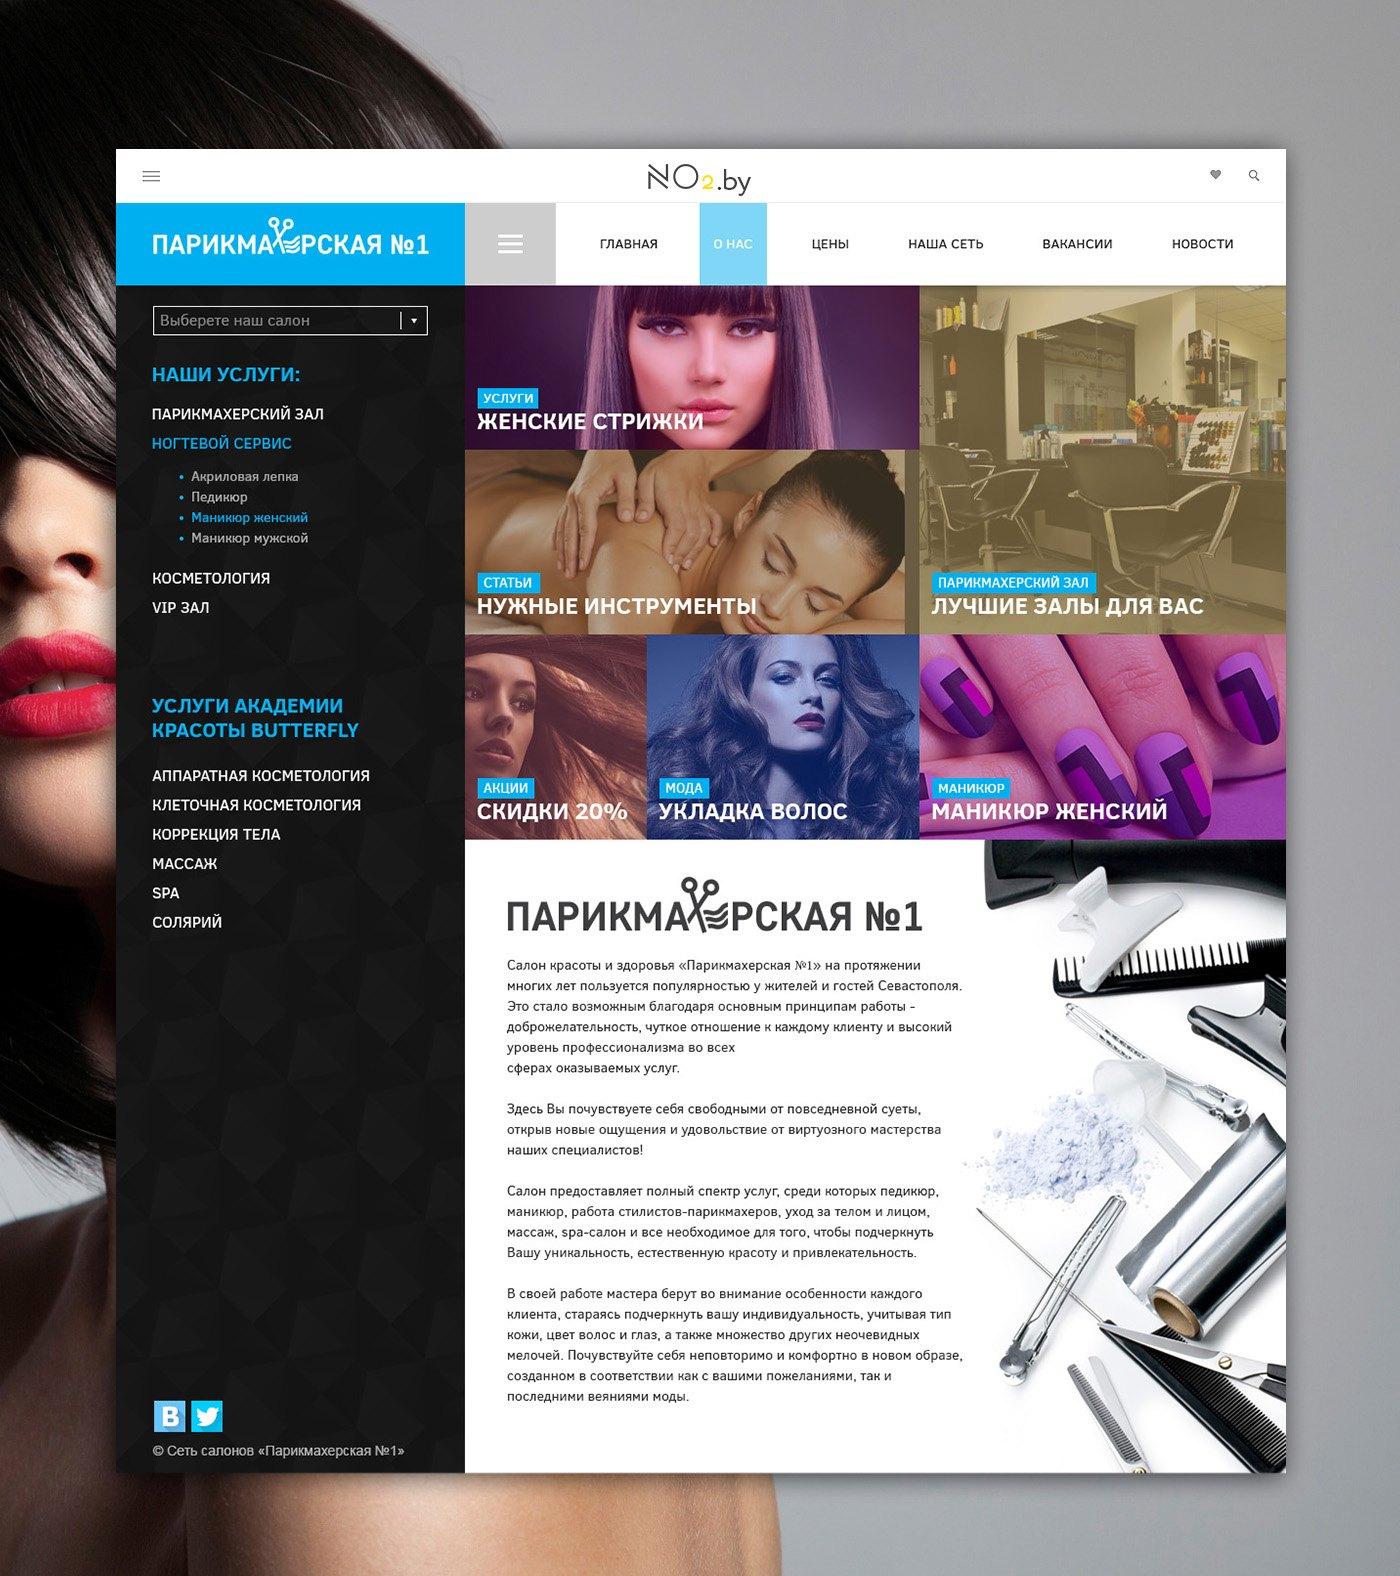 Сайт сети салонов парикмахерской 1